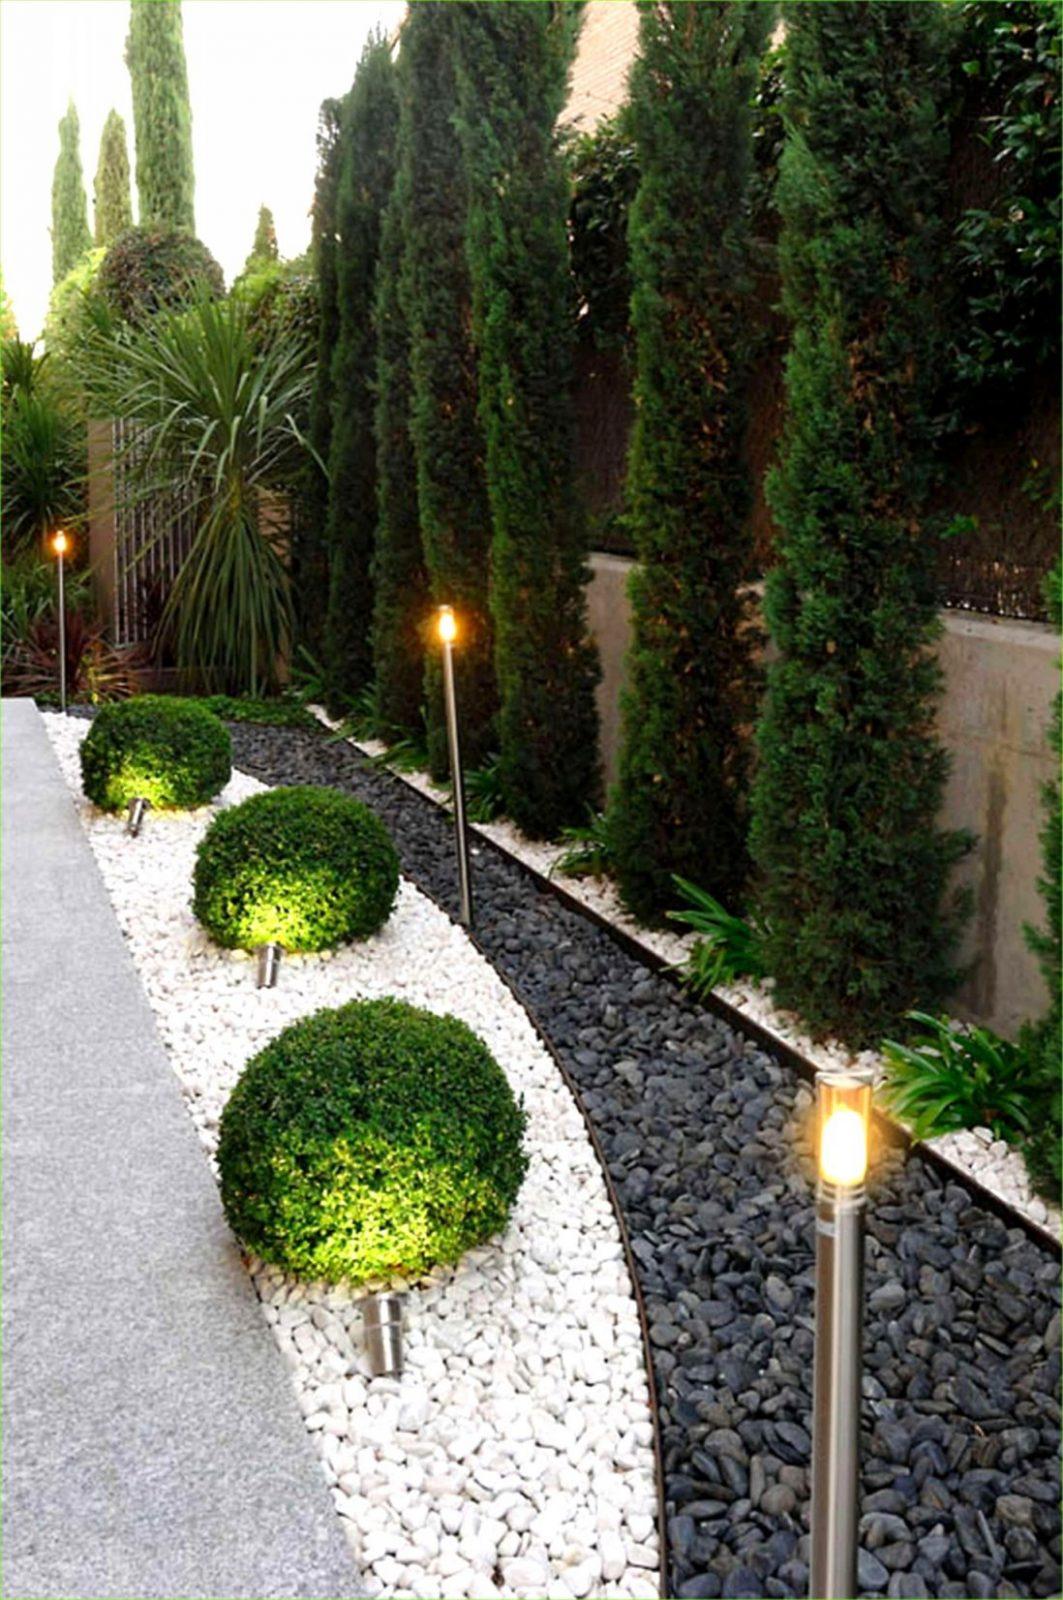 80 Images Gartengestaltung Kies Ideas von Vorgarten Gestalten Mit Kies Bild